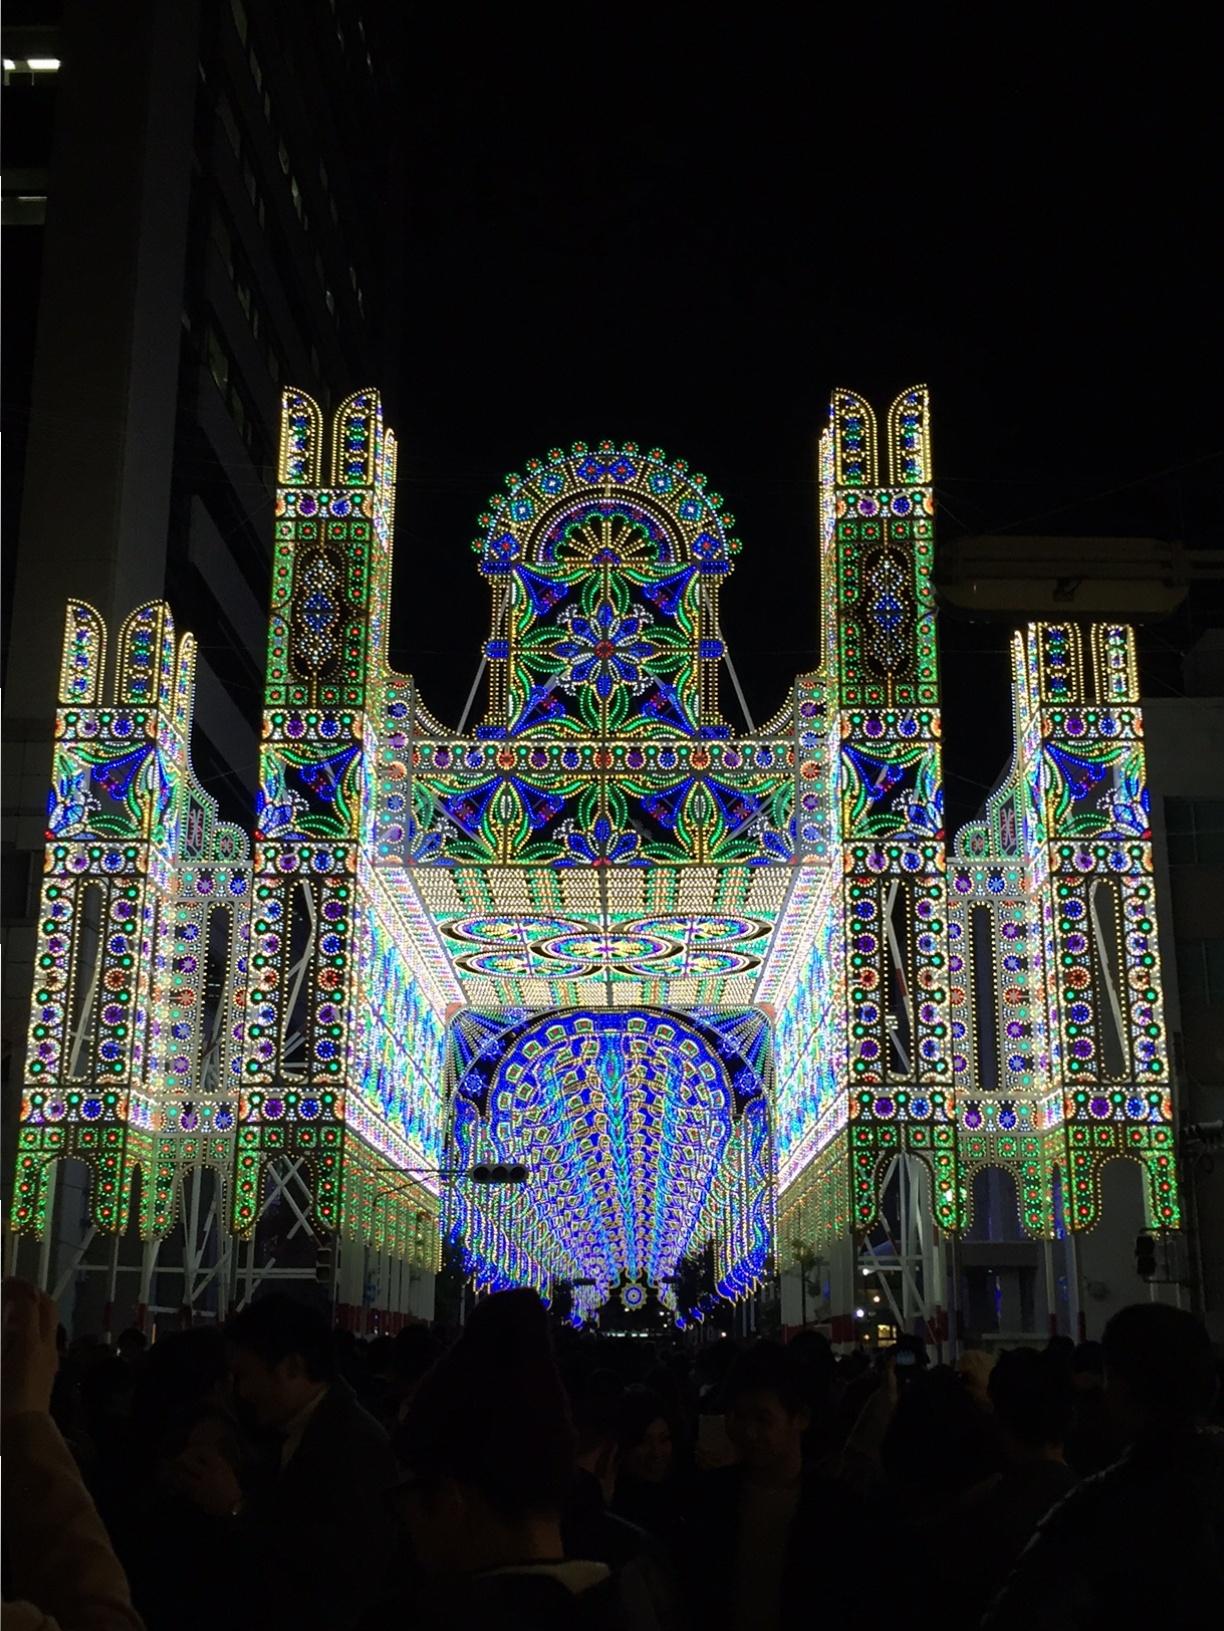 【関西おでかけ】2016旧居留地のクリスマス&神戸ルミナリエ_3